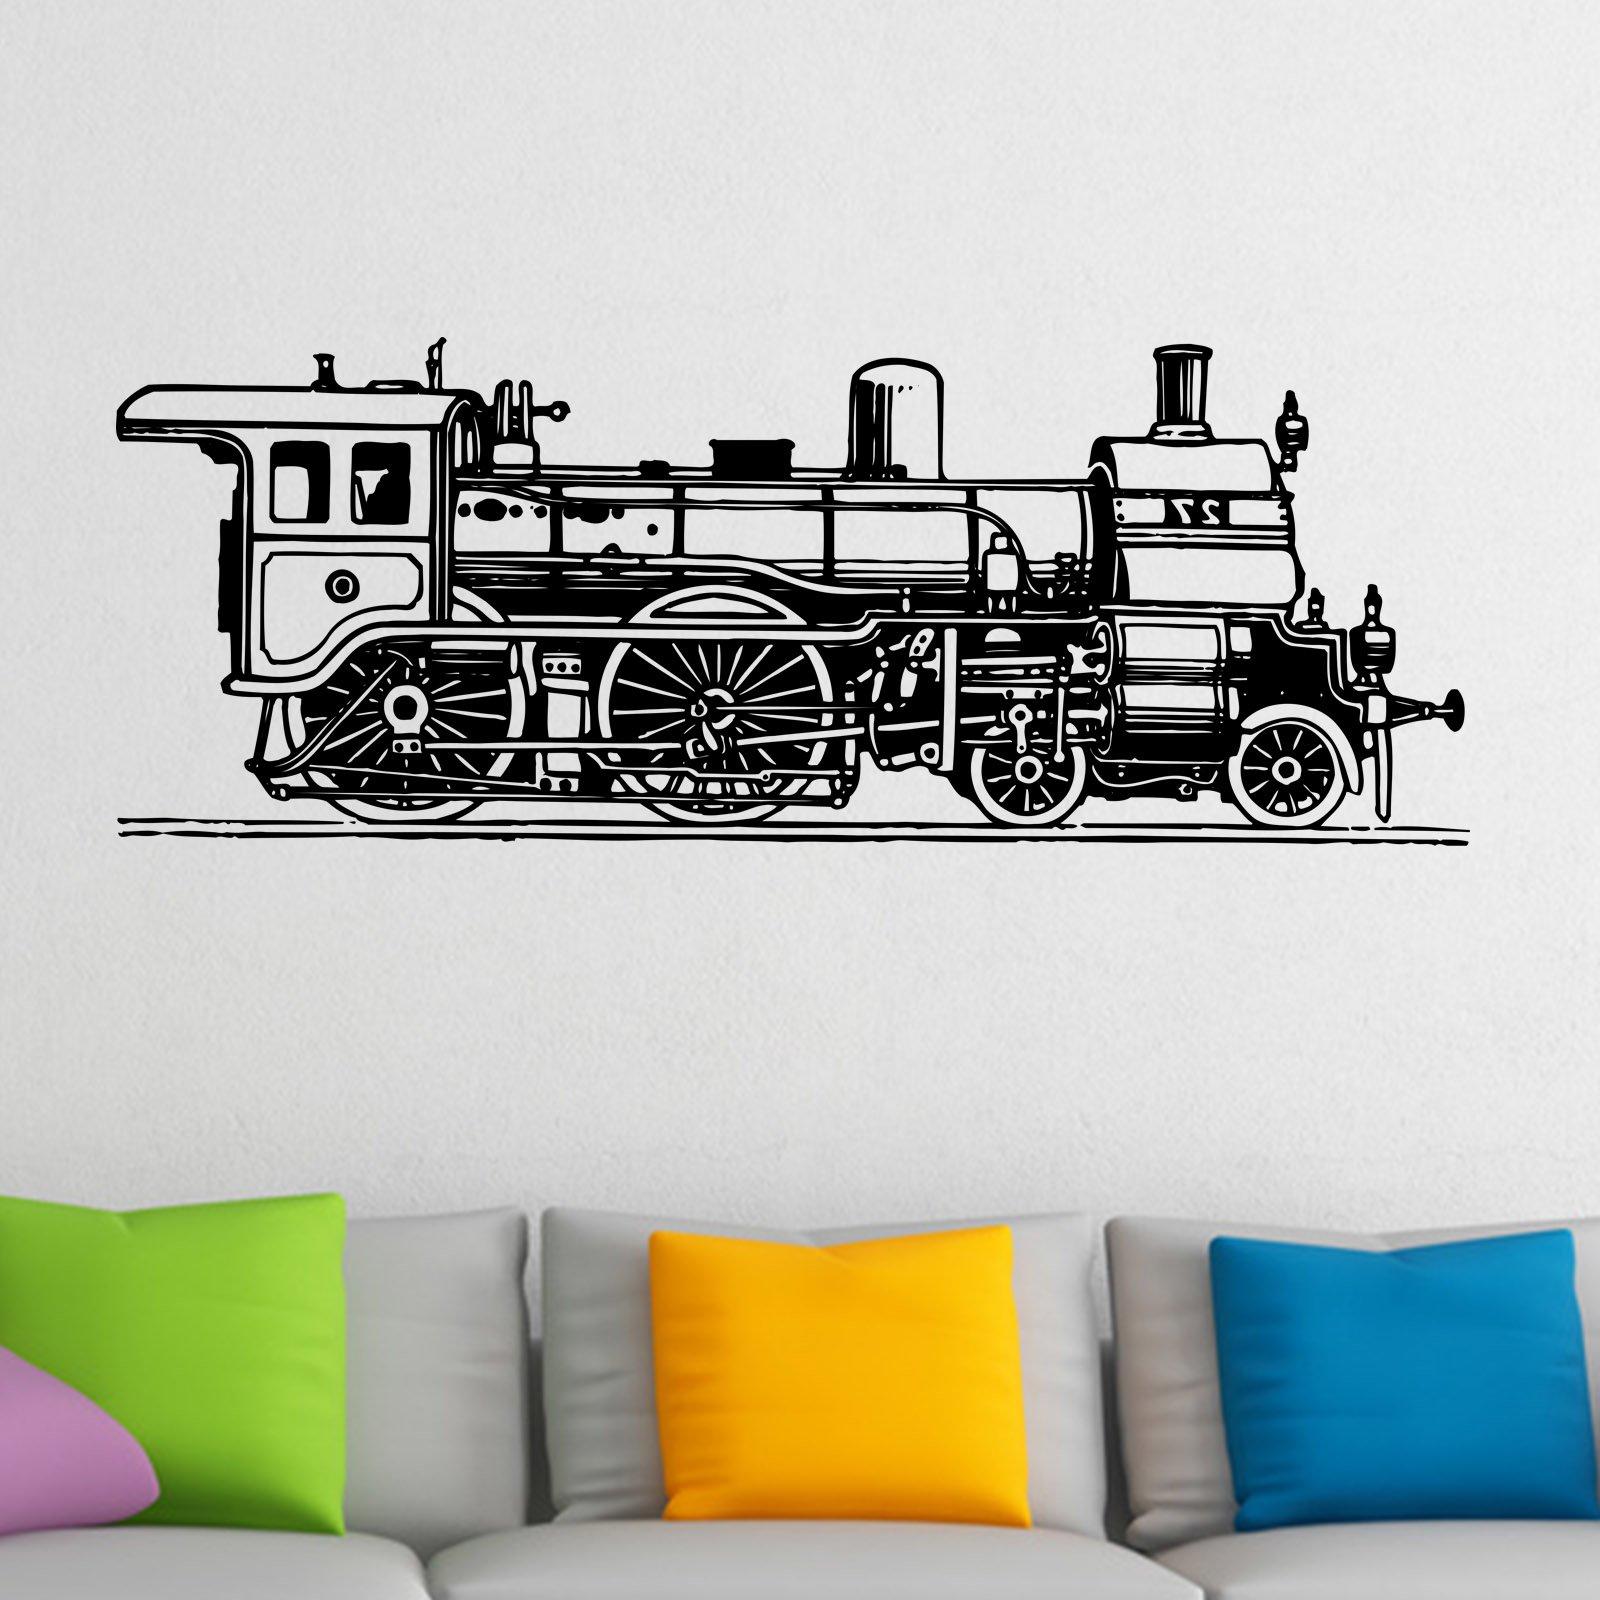 Old Fashioned Train Wall Sticker U2013 Decal U2013 A